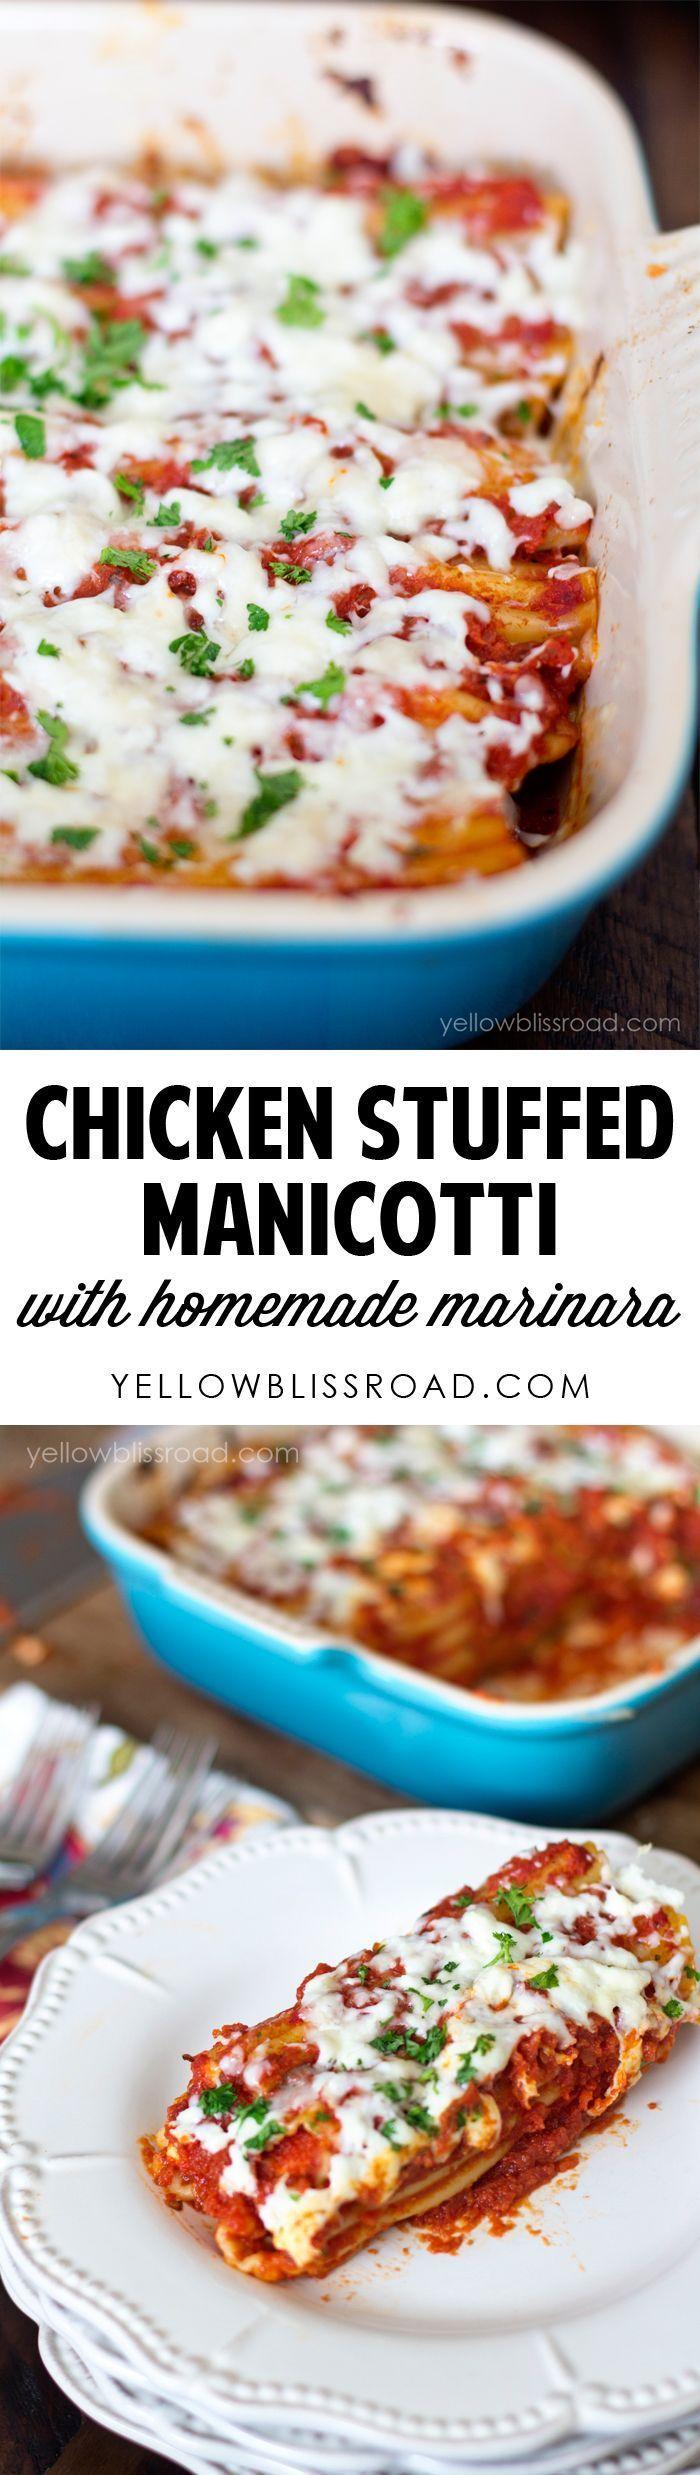 Chicken Stuffed Manicotti with Homemade Marinara